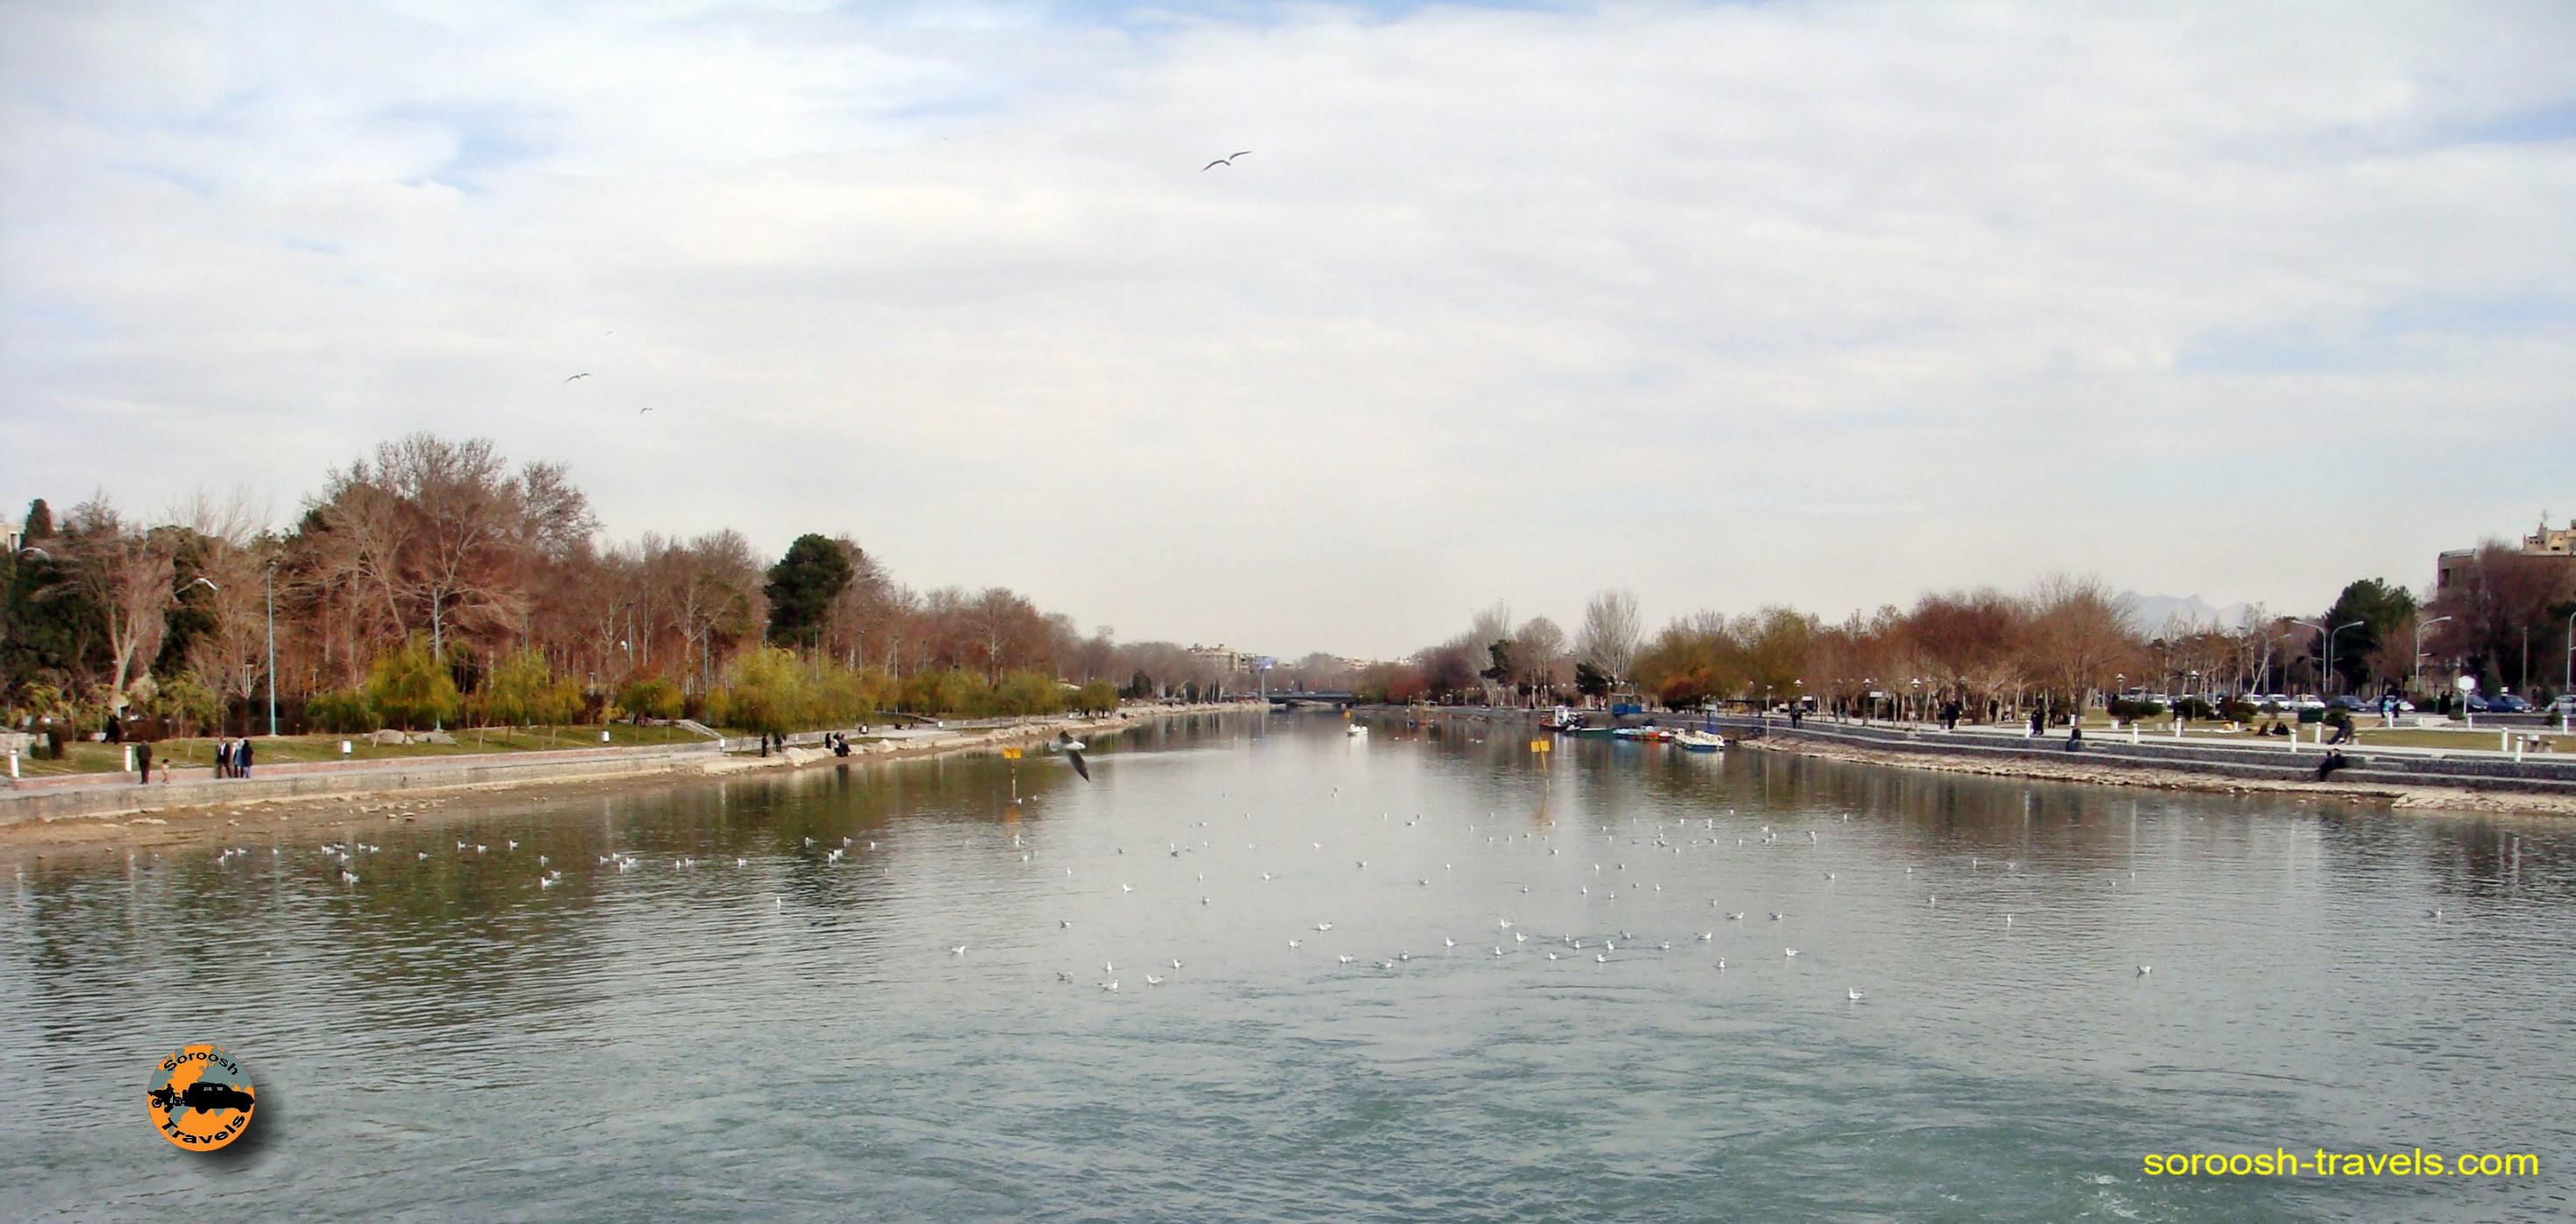 esfahan-koohrang-googad-maranjaab-tehran-winter-1388-6